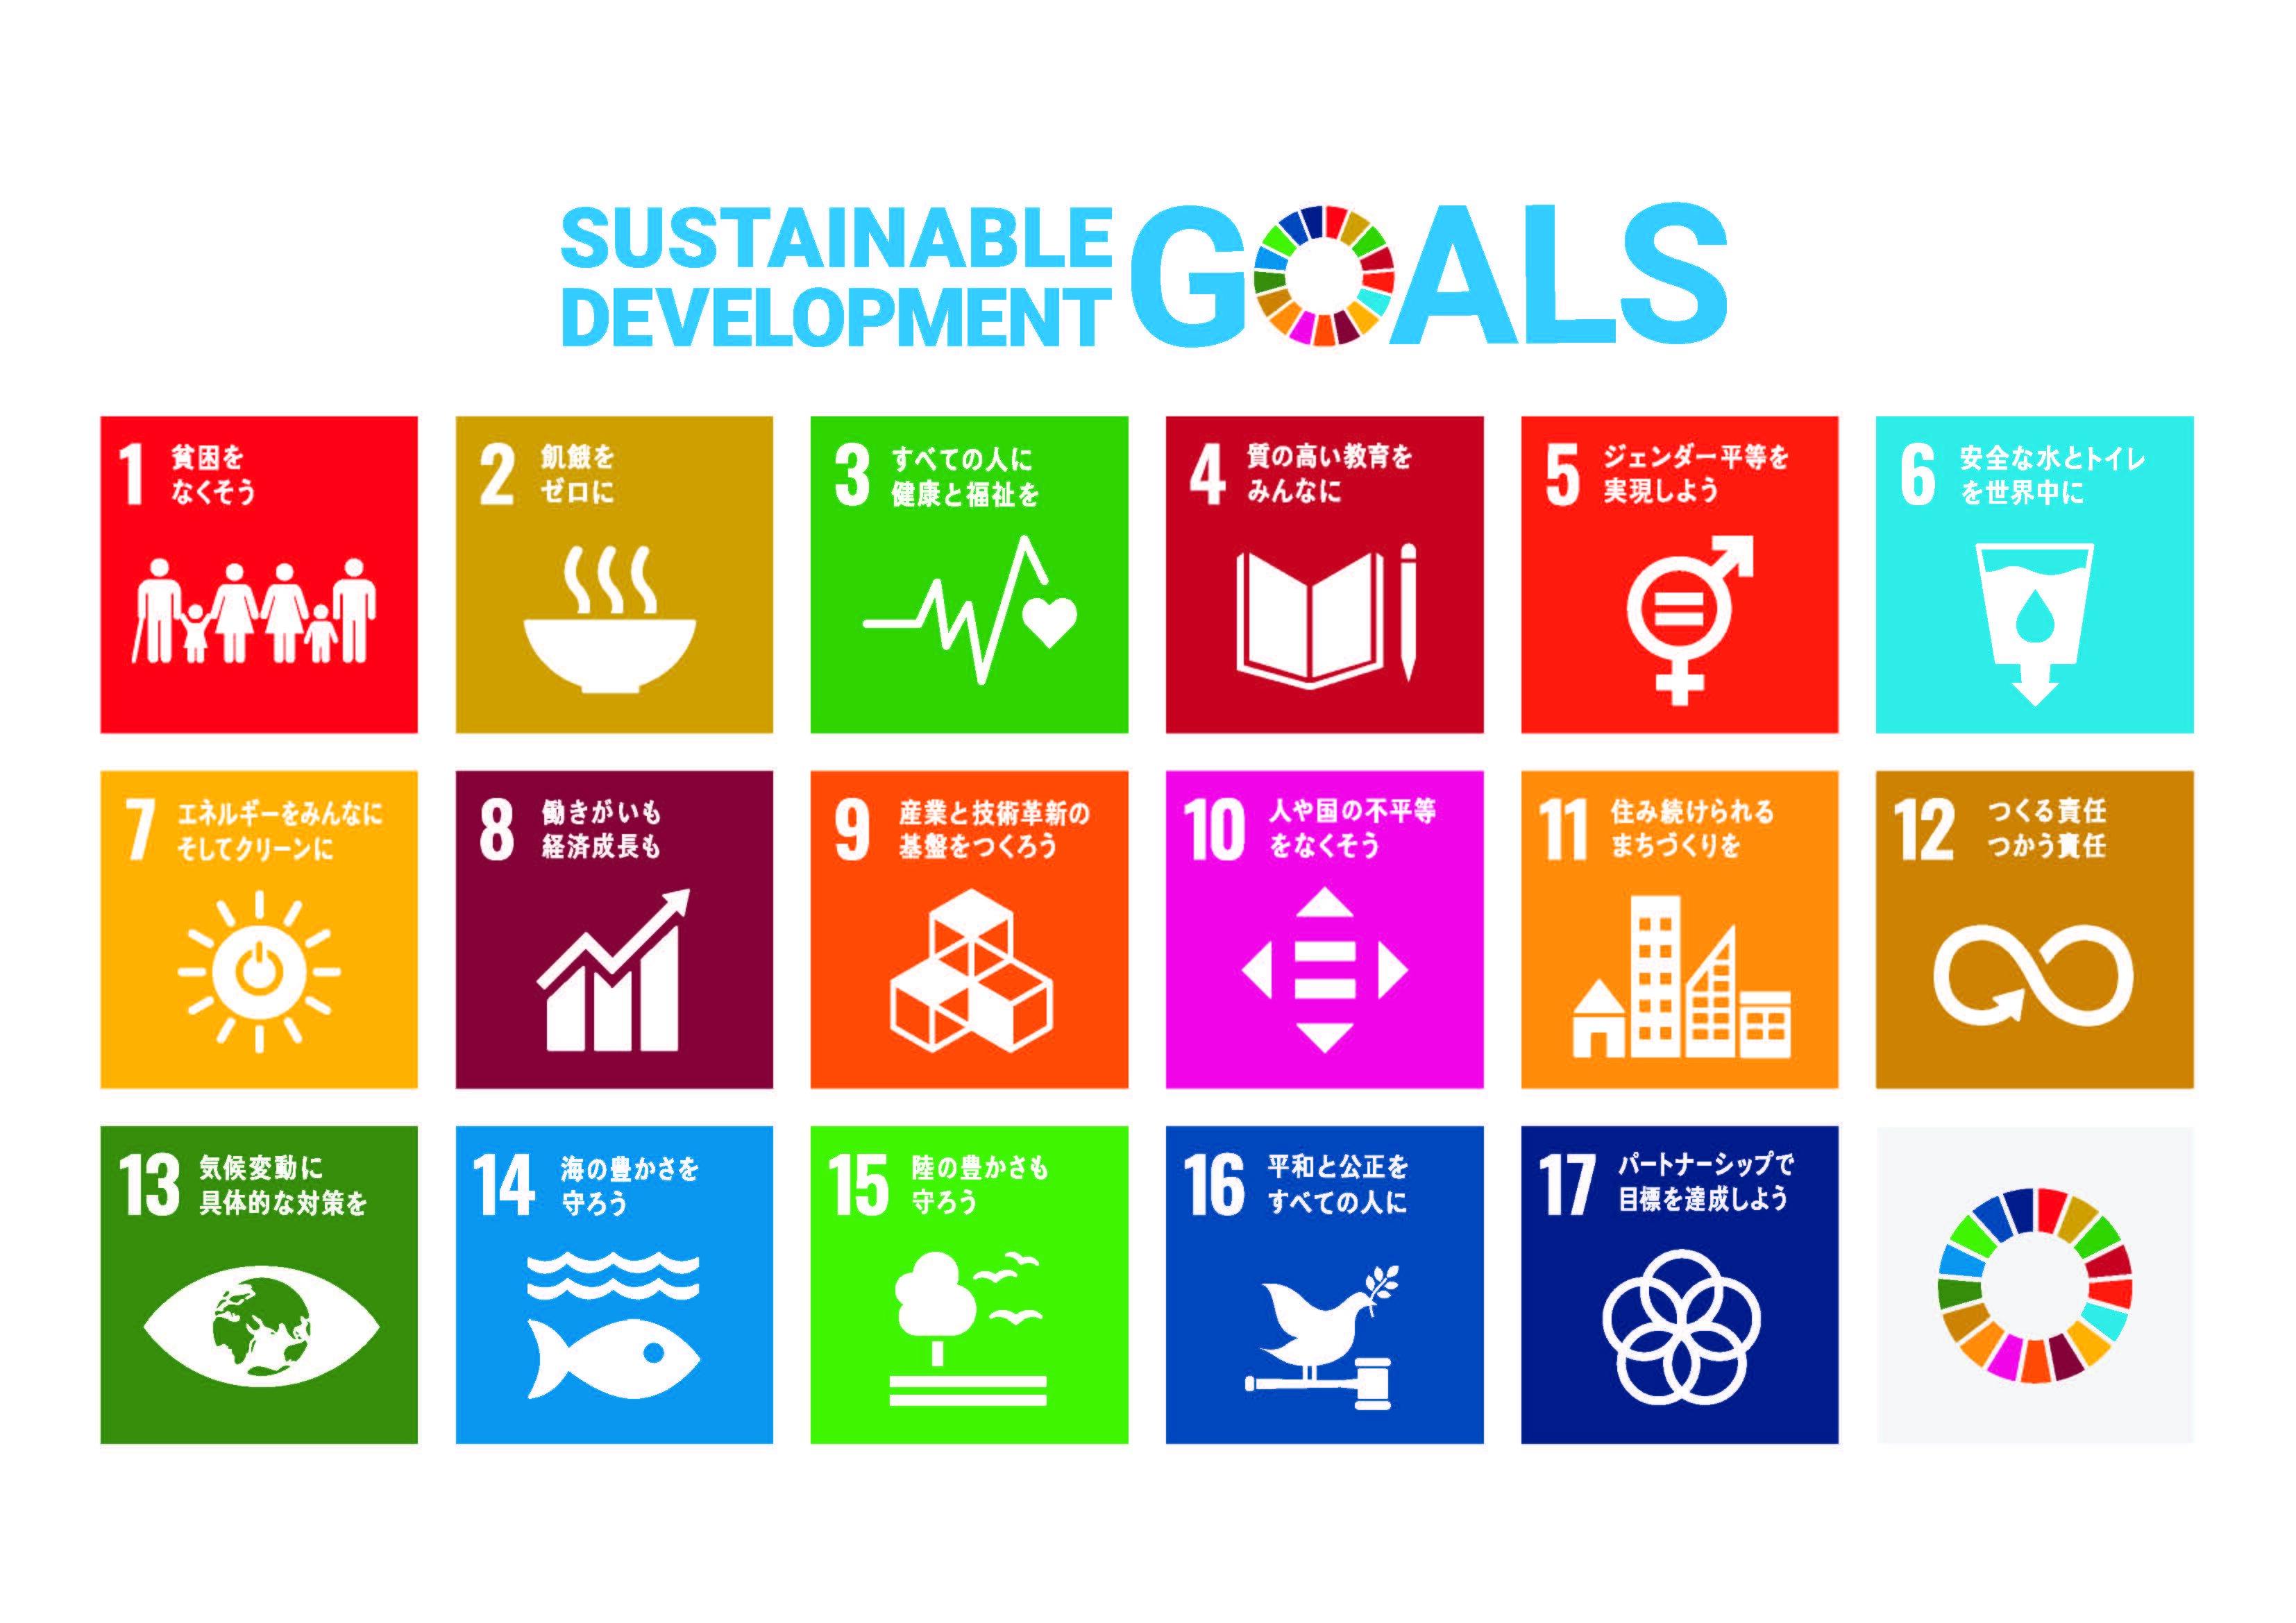 白岡市生涯学習センター(こもれびの森)にて「SDGsってなあに?」を実施しました